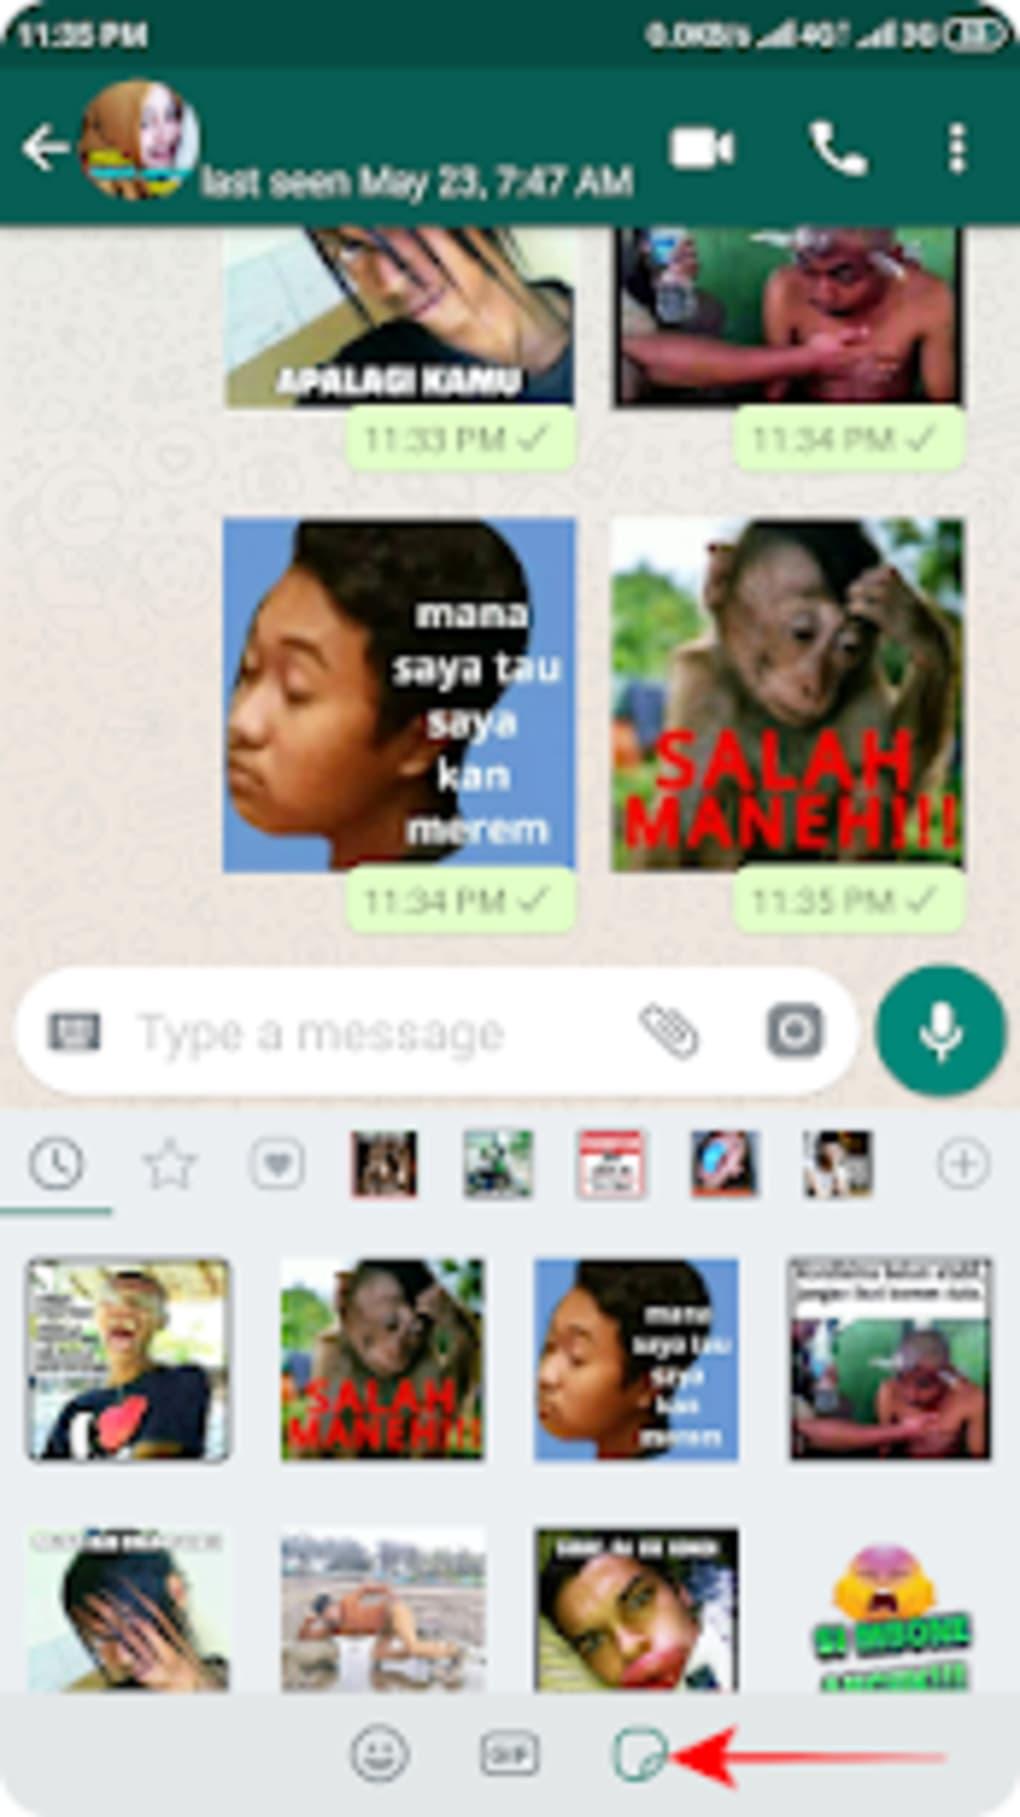 Meme Perang Gambar Stiker WA APK Untuk Android Unduh